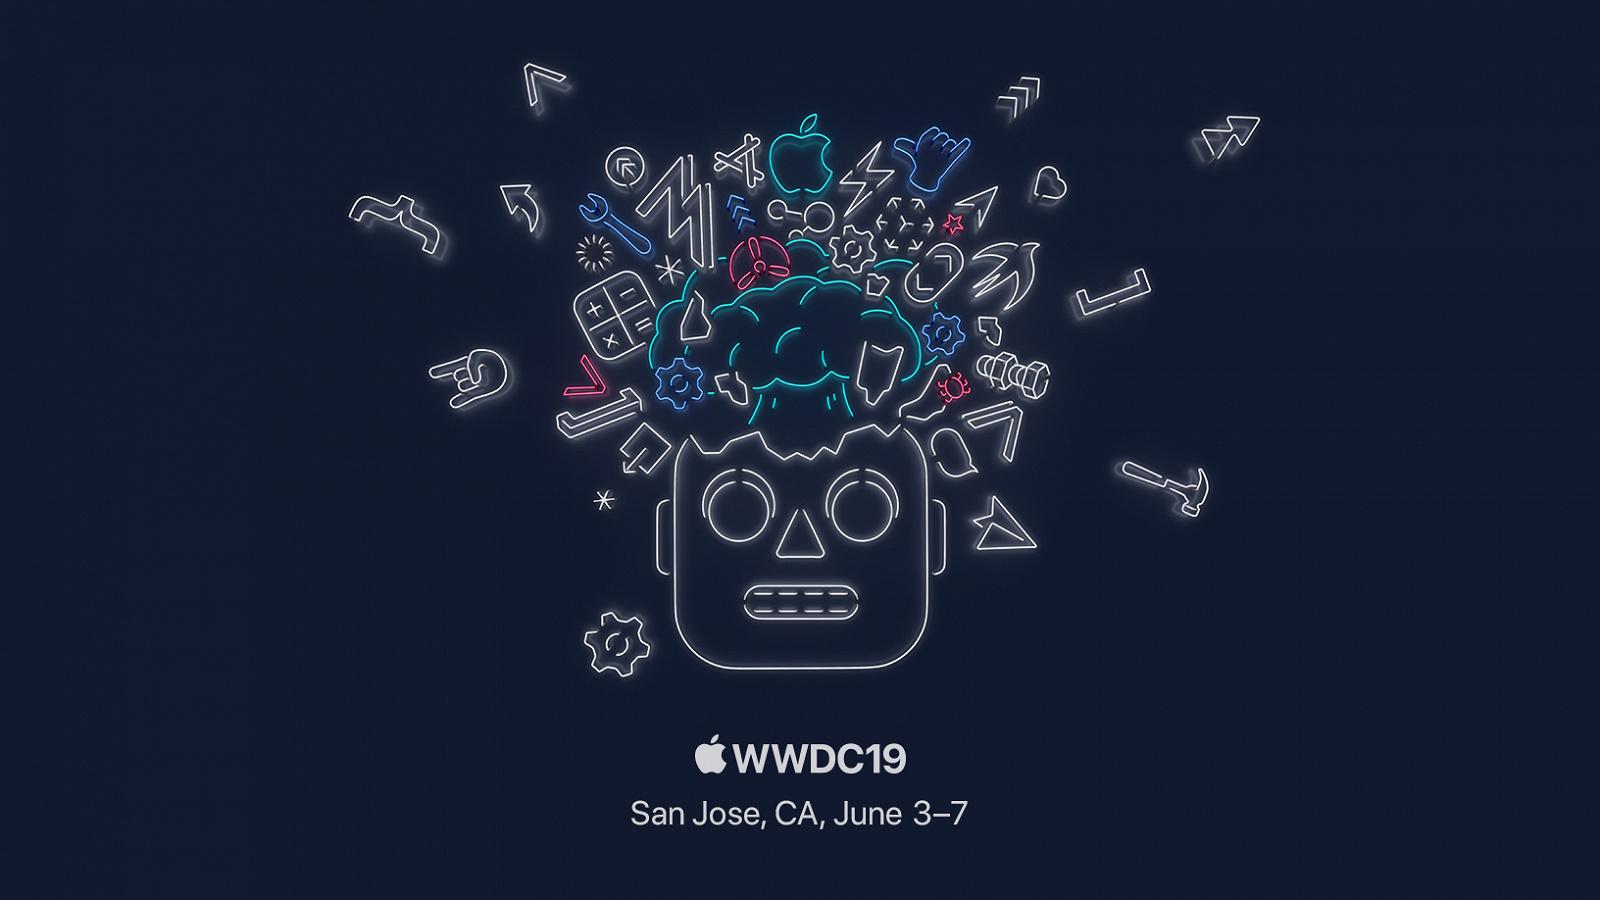 Официально Конференция Apple WWDC 2019 пройдет 3-7 июня